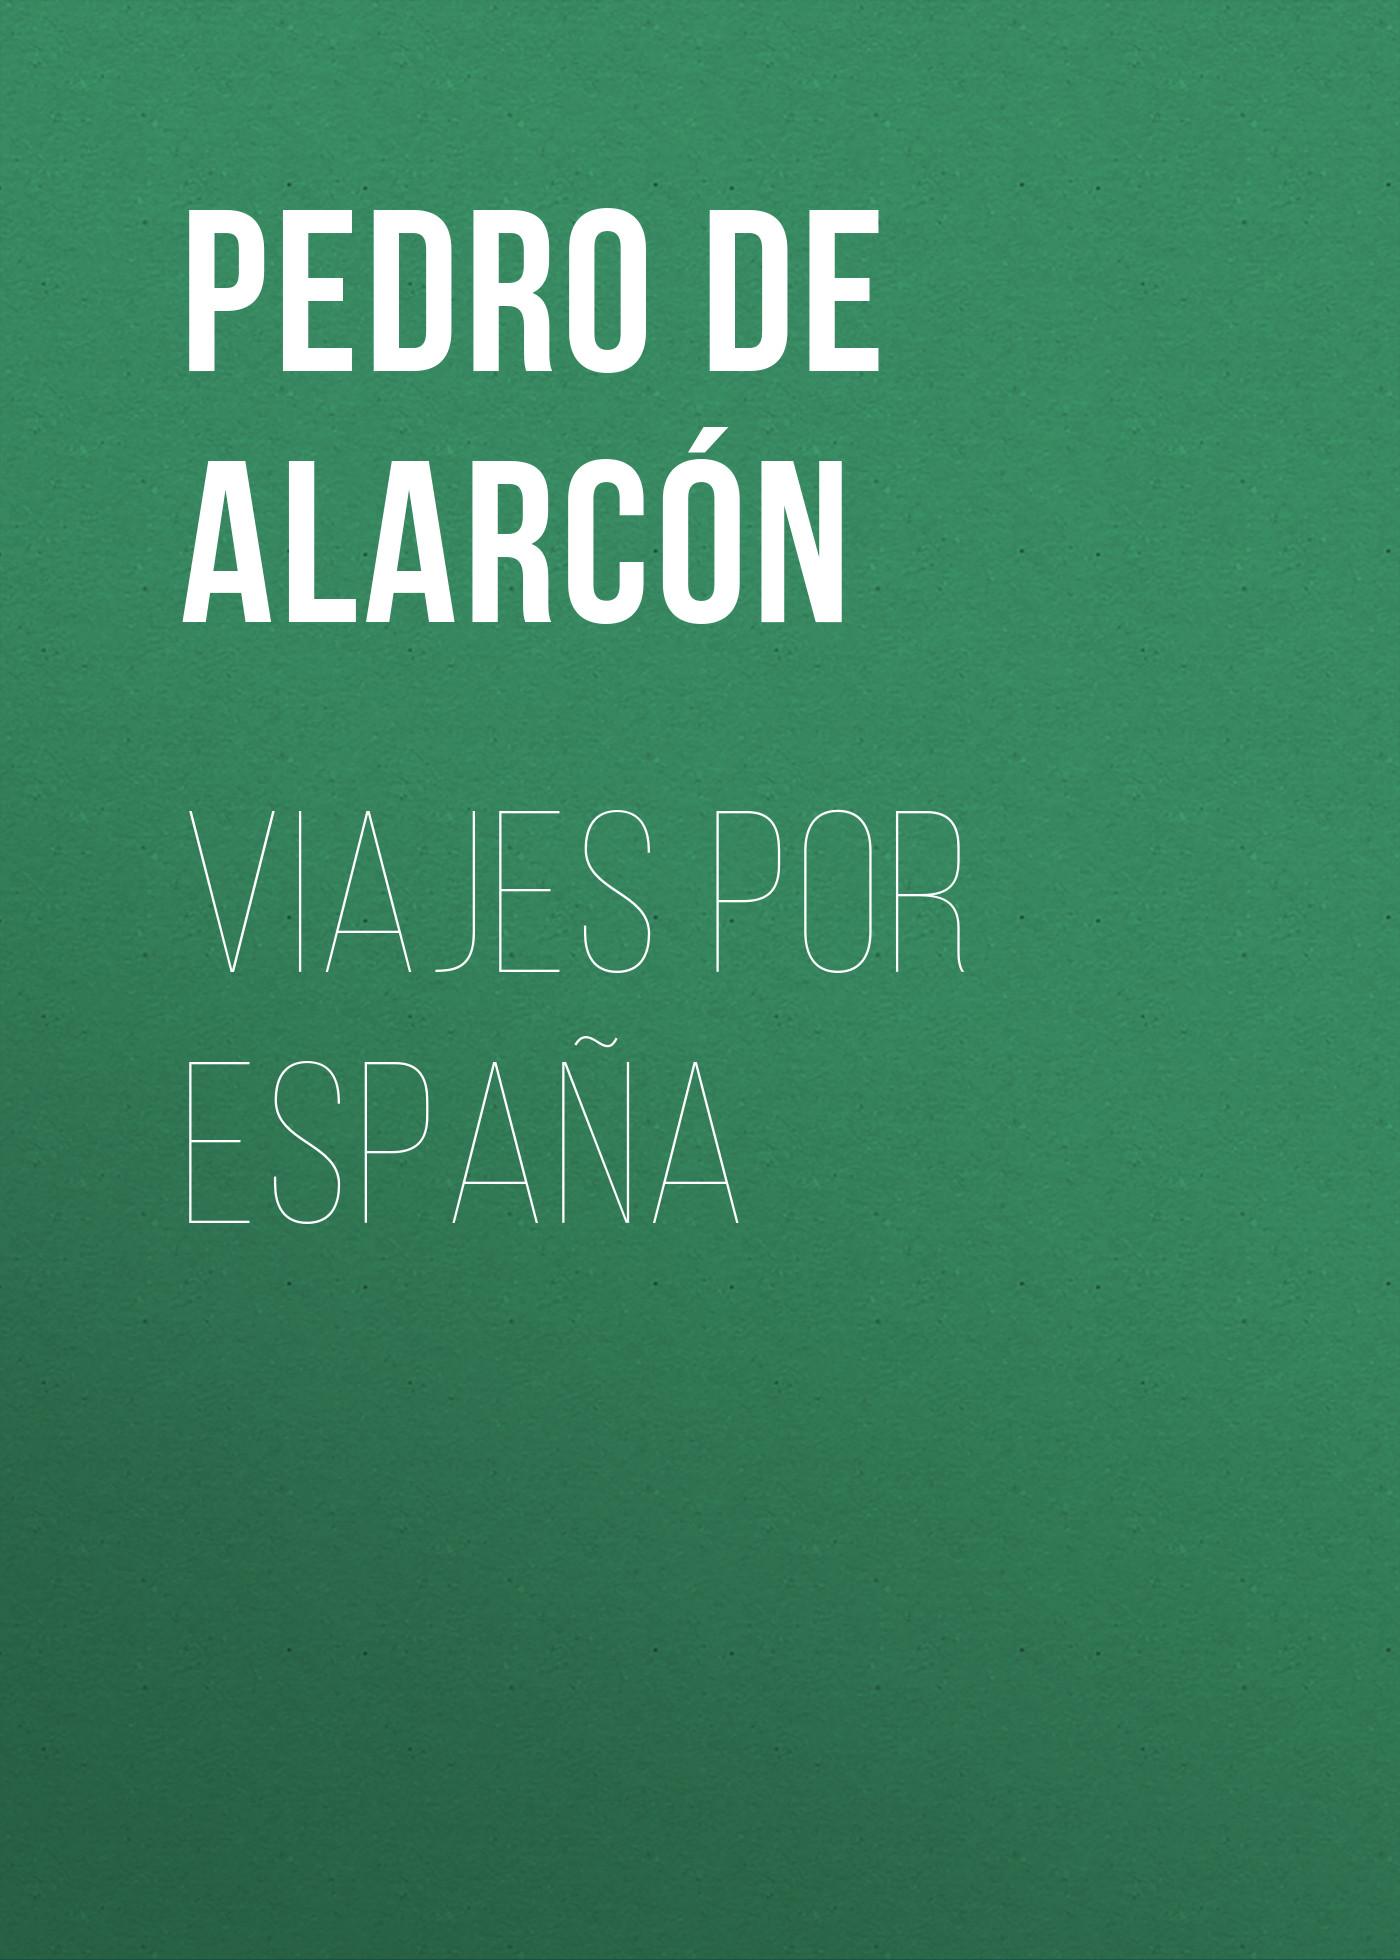 Pedro Antonio de Alarcón Viajes por España supercopa de españa fútbol sala 2018